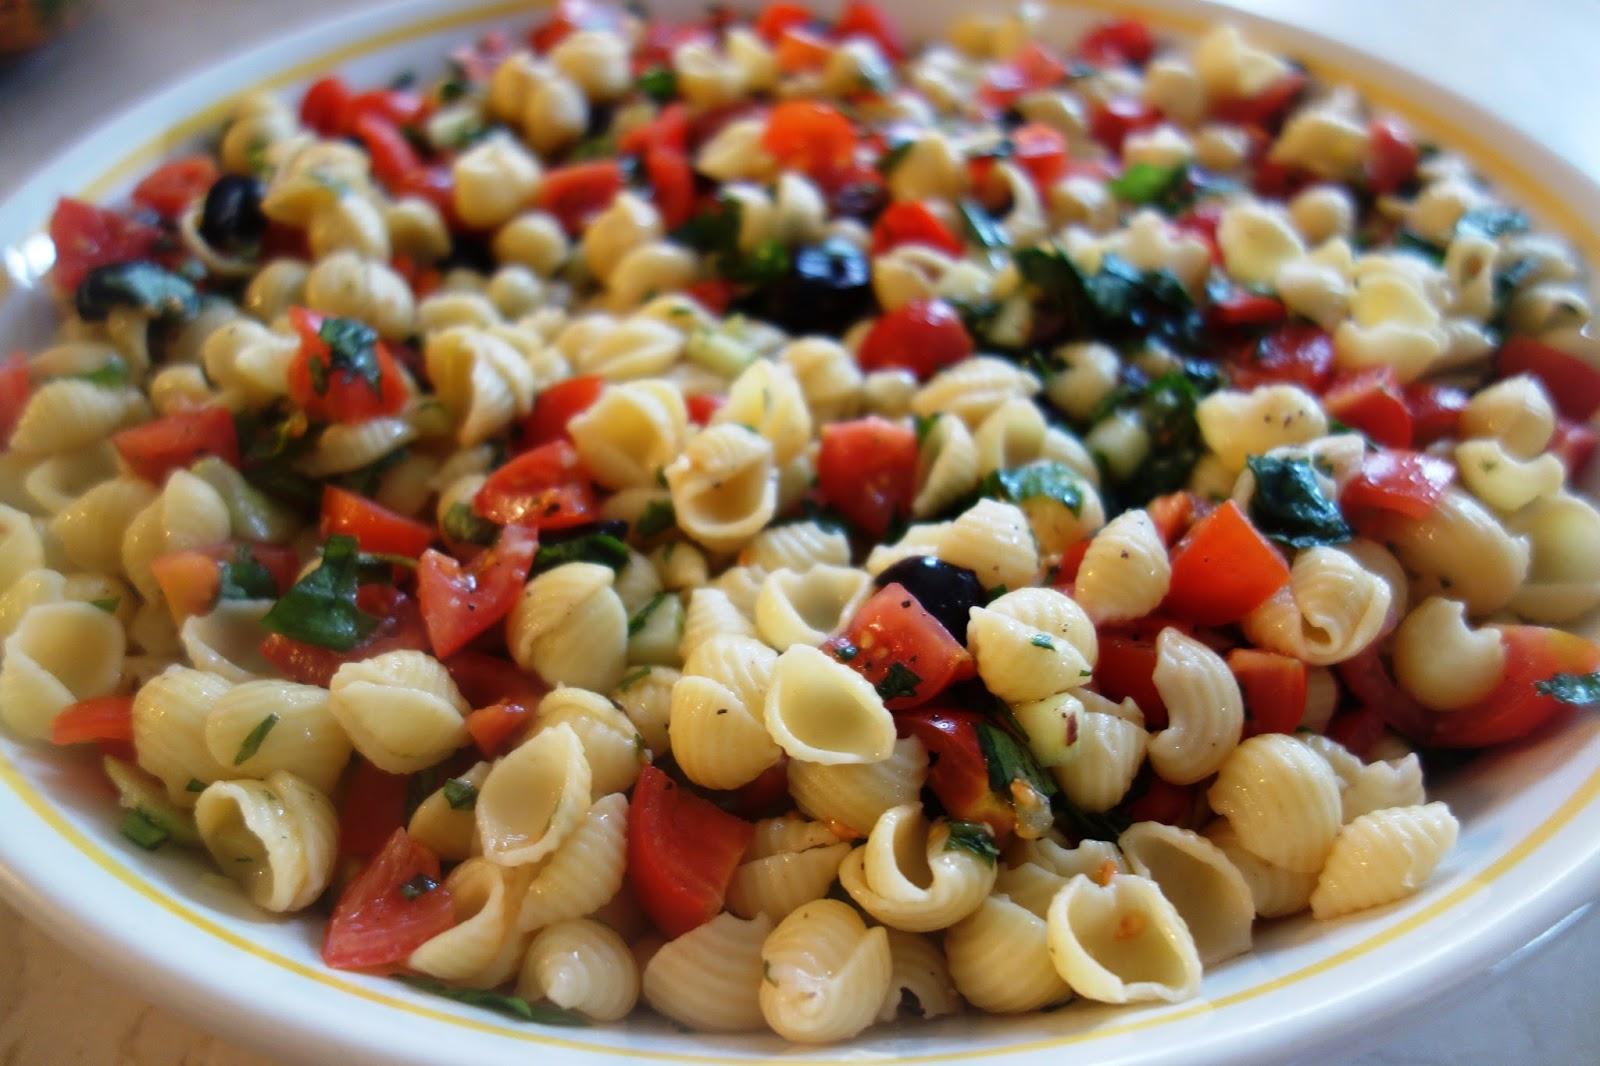 Veegmama Super Simple Pasta Salad Recipe